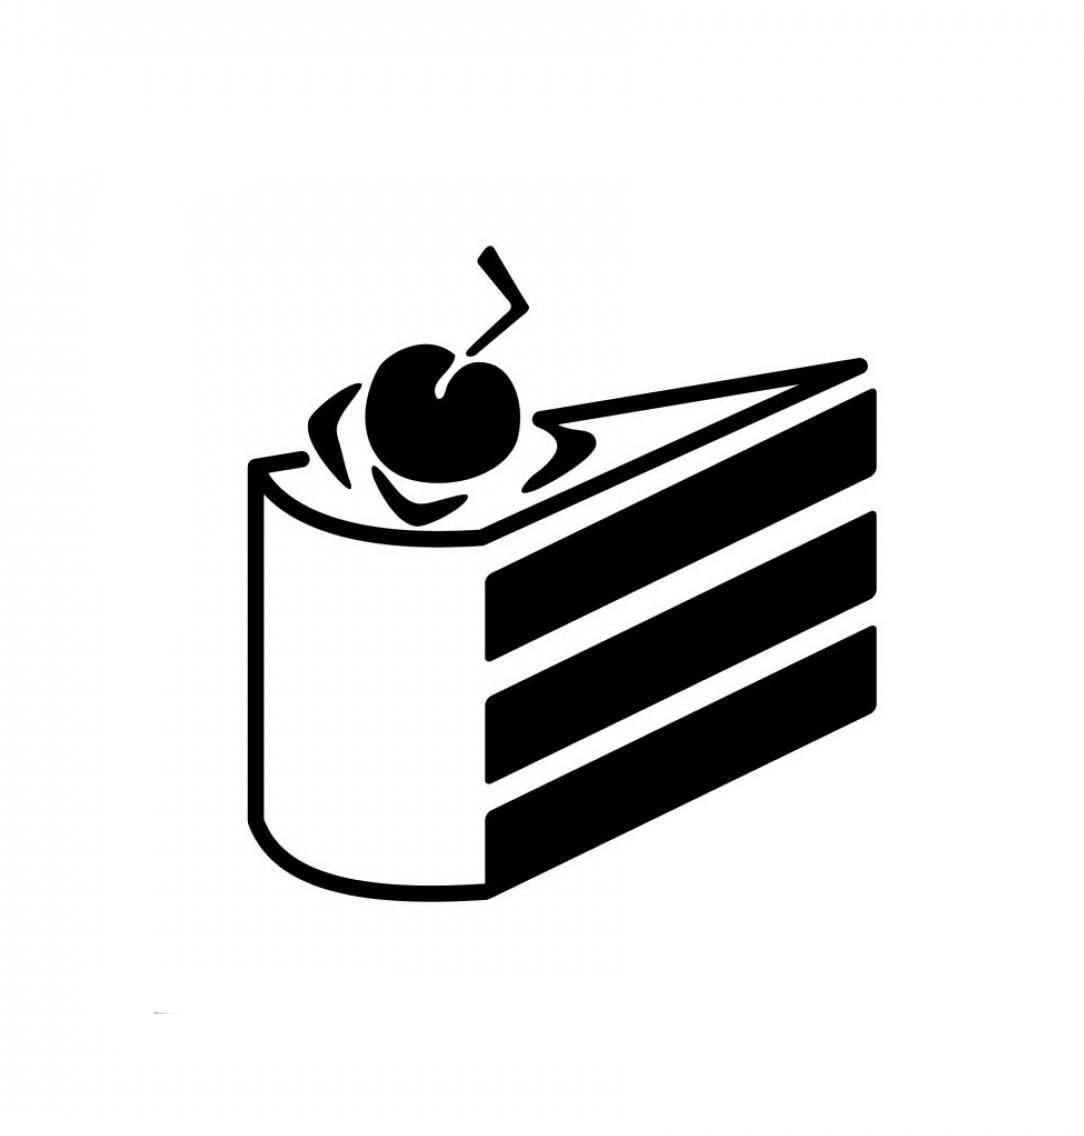 Portal Cake Stencil